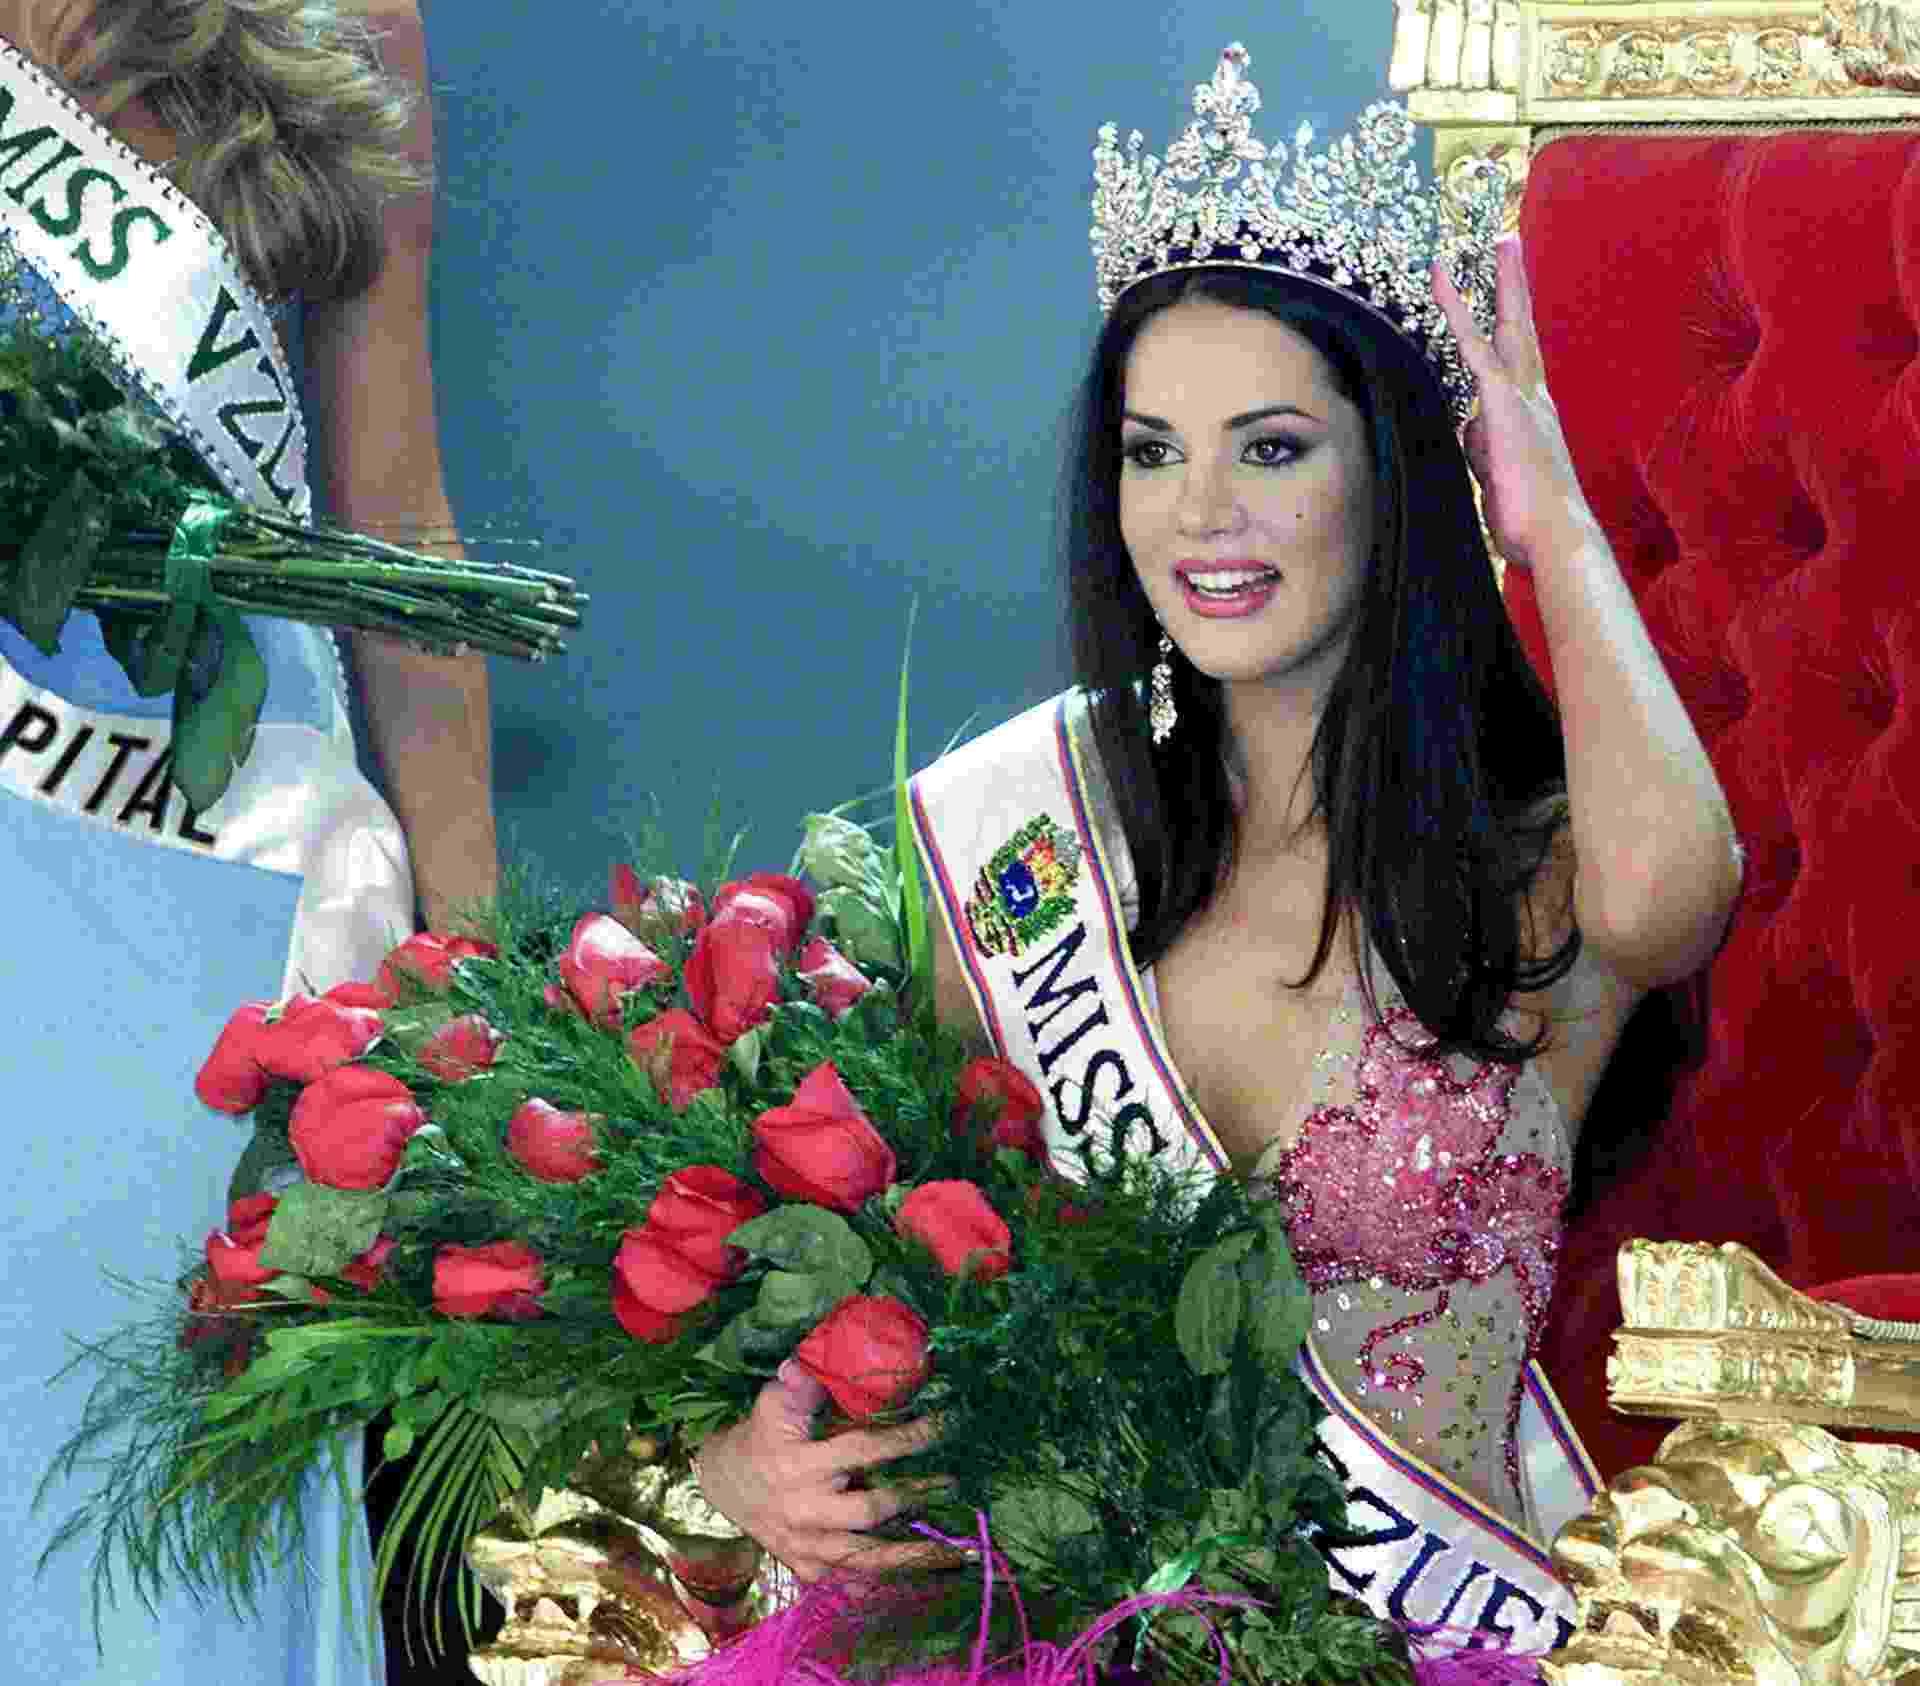 8.jan.2014 - Mónica Spear posa para foto após ser eleita Miss Venezuela, em setembro de 2004 - Andrew Alvarez/AFP